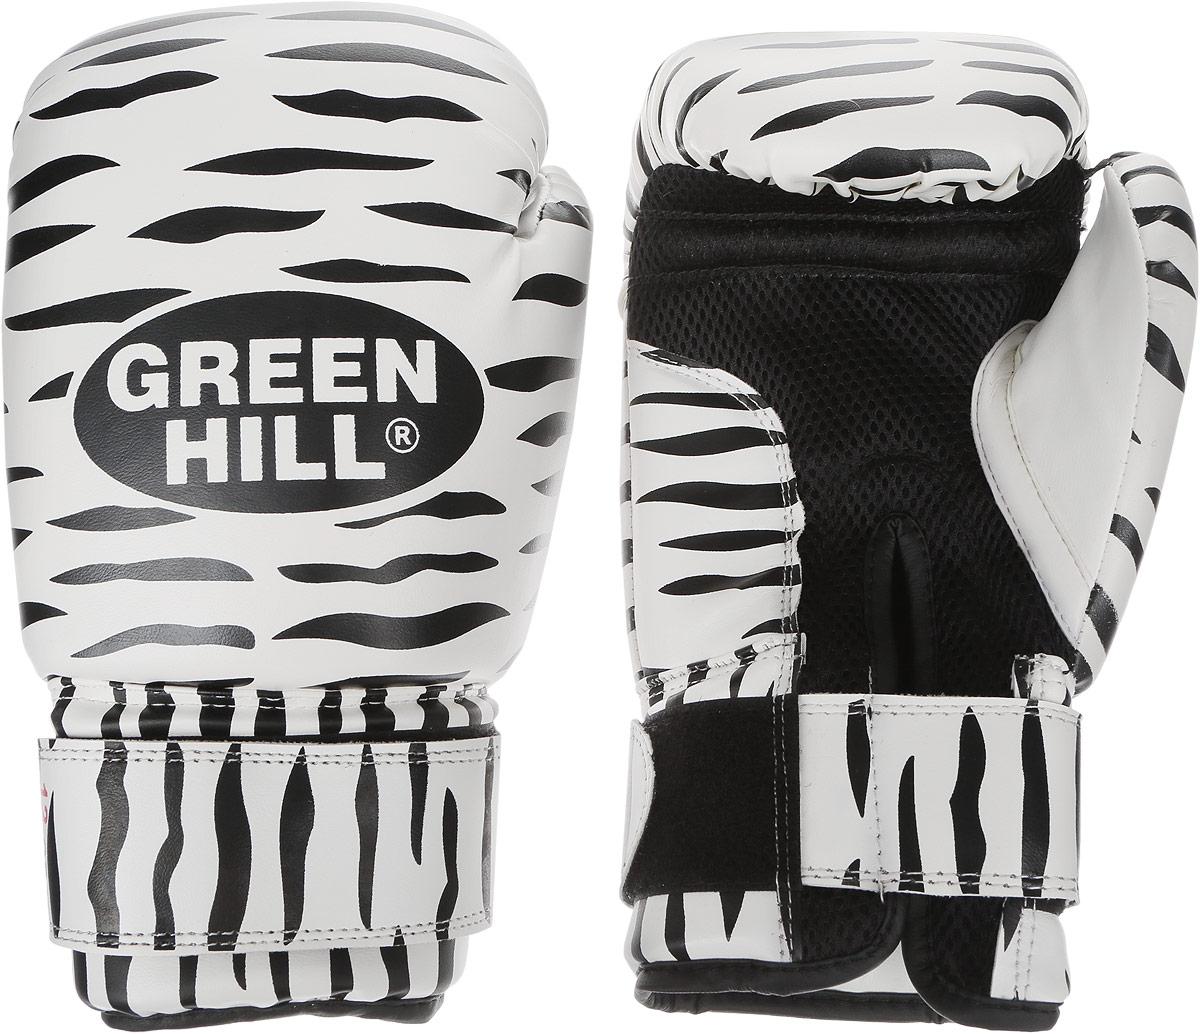 Перчатки боксерские Green Hill Zebra, цвет: черный, белый. Вес 12 унций. BGC-2041BGC-2041Боксерские перчатки Green Hill Zebra отлично подойдут для тренировок. Верх выполнен из искусственной кожи, наполнитель - из вспененного полимера. Сетка в области ладони позволяет создать максимально комфортный терморежим во время занятий. Длинный манжет на липучке способствует быстрому и удобному надеванию перчаток, плотно фиксирует их на руке.